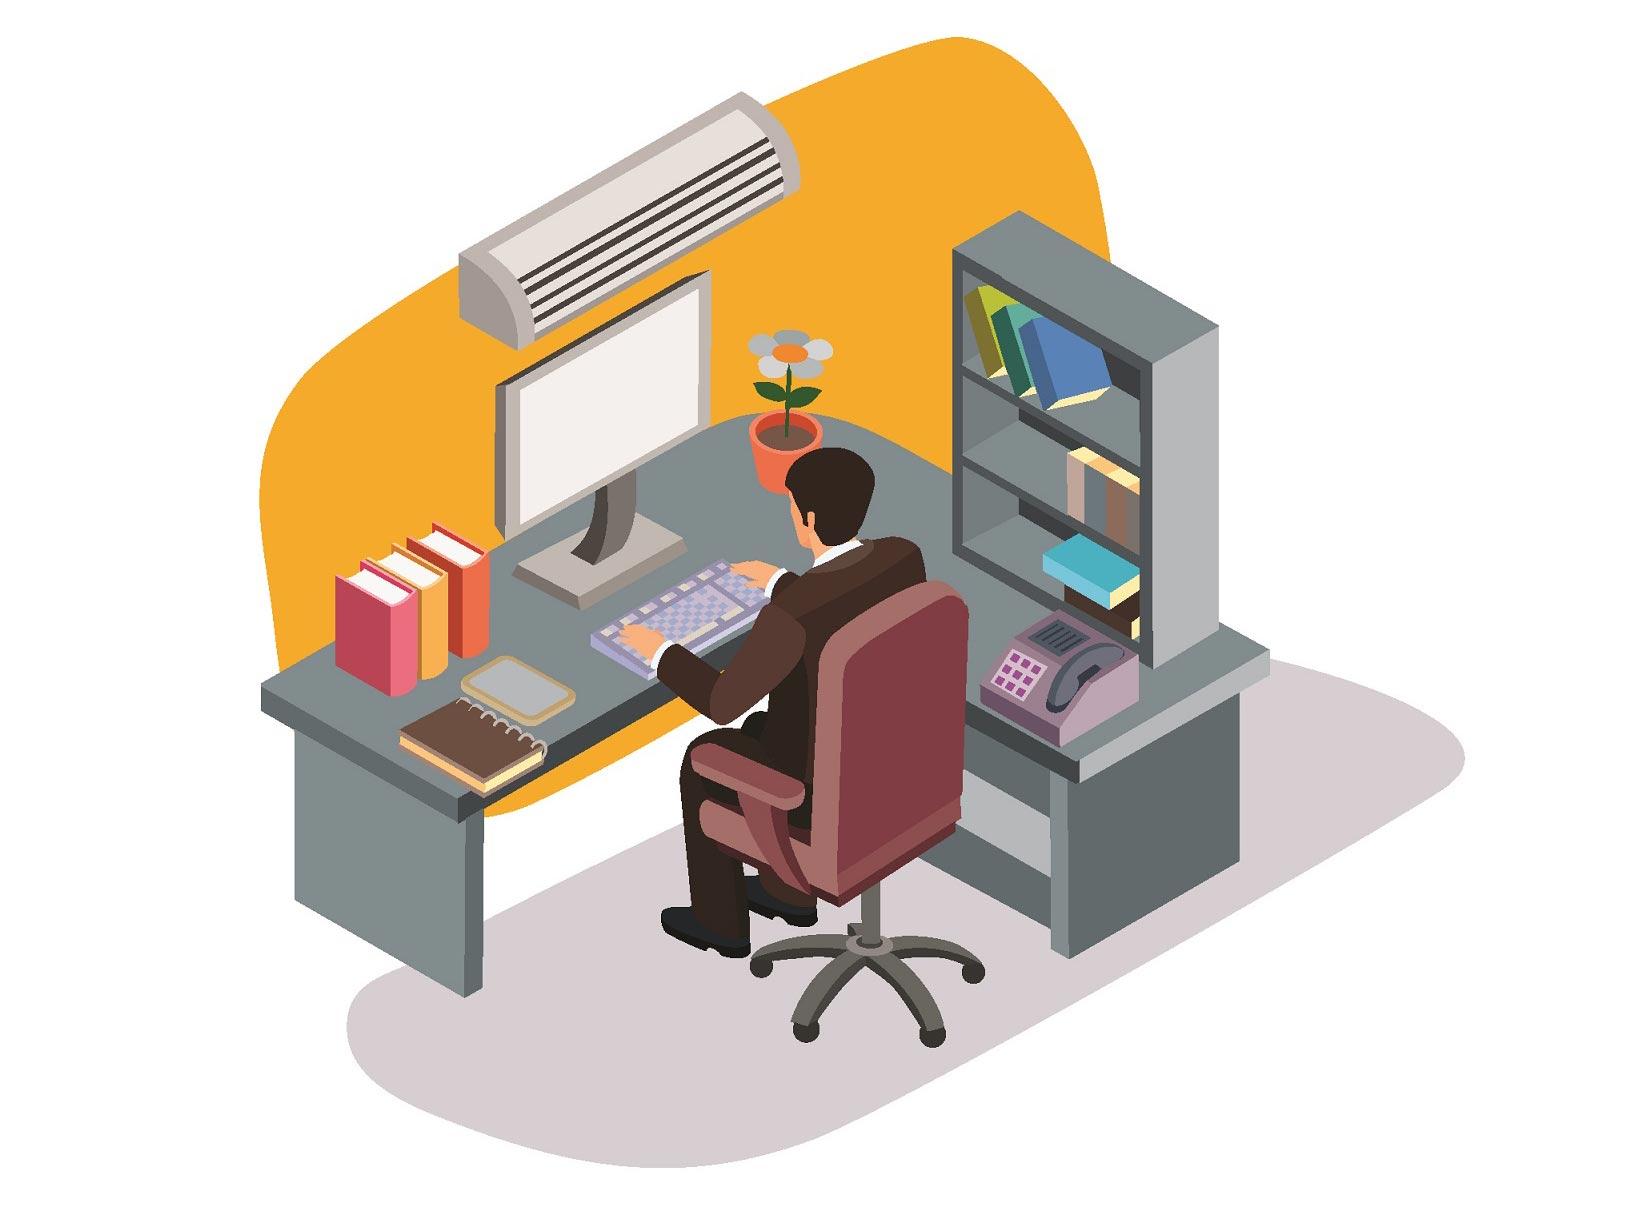 ایده هایی الهام بخش برای مبلمان اداری قابل توجه مدیران (قسمت 1) | مبلمان اداری بنکو